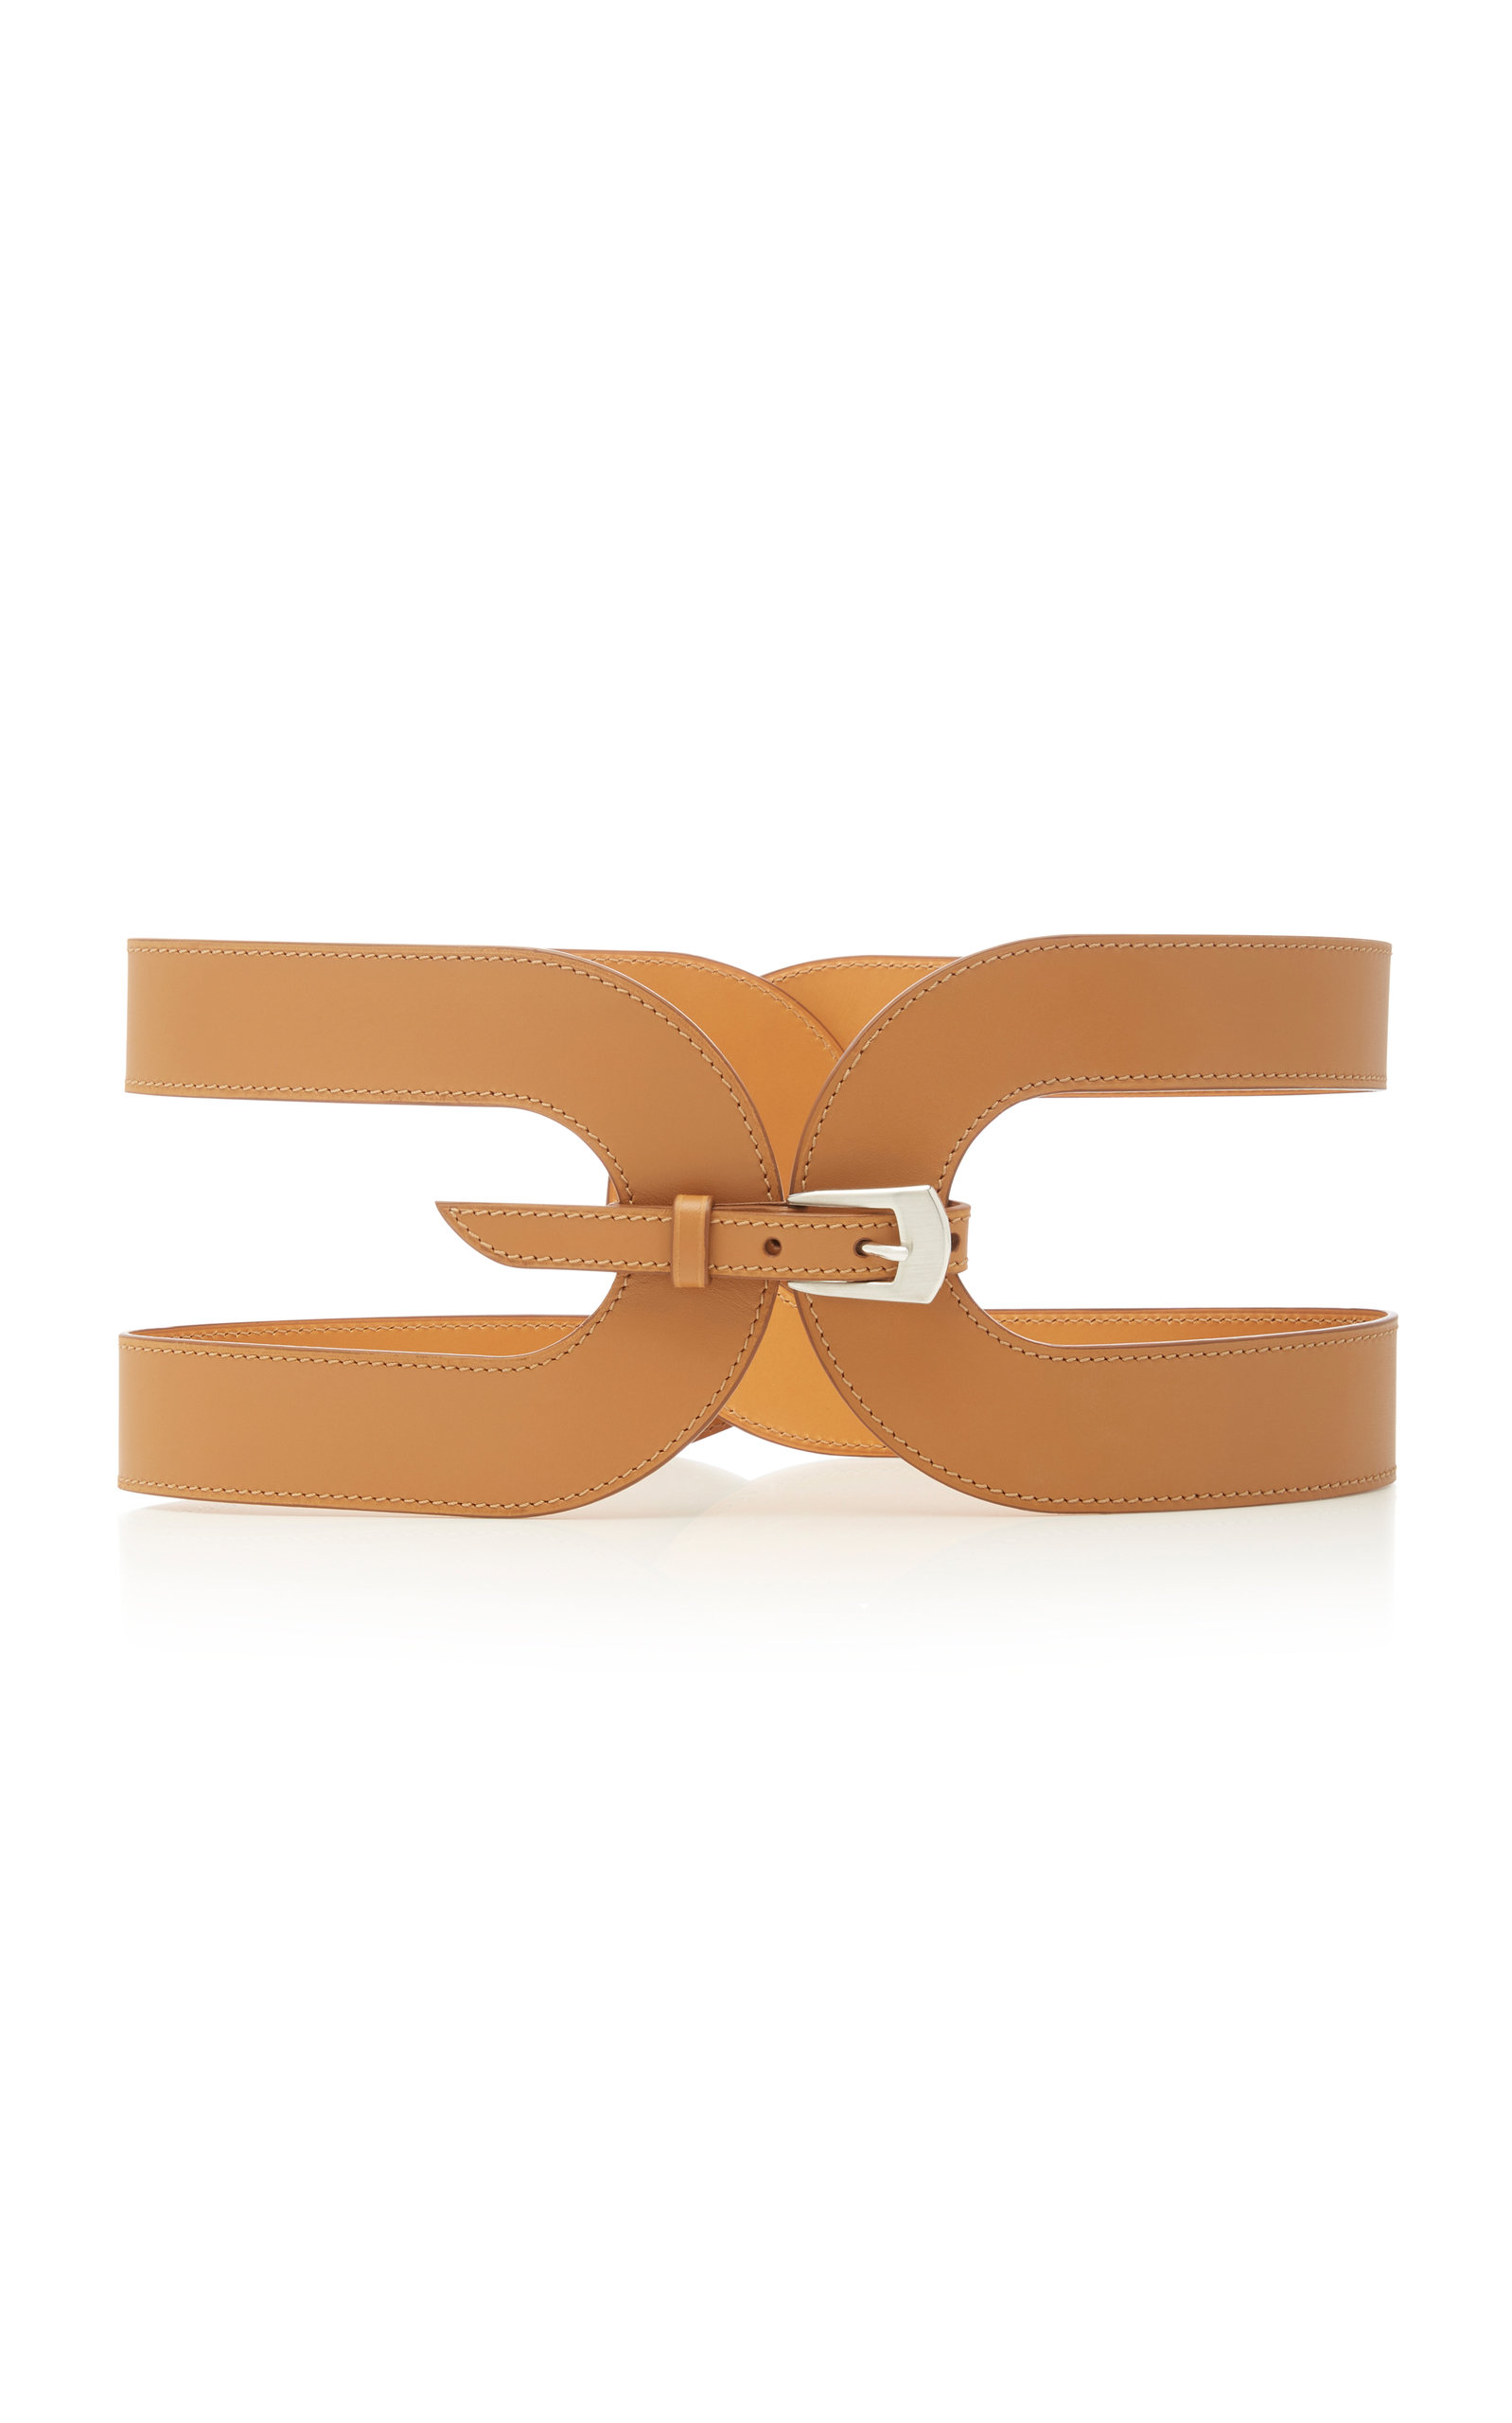 Maison Vaincourt   Maison Vaincourt Cage Leather Waist Belt   Clouty